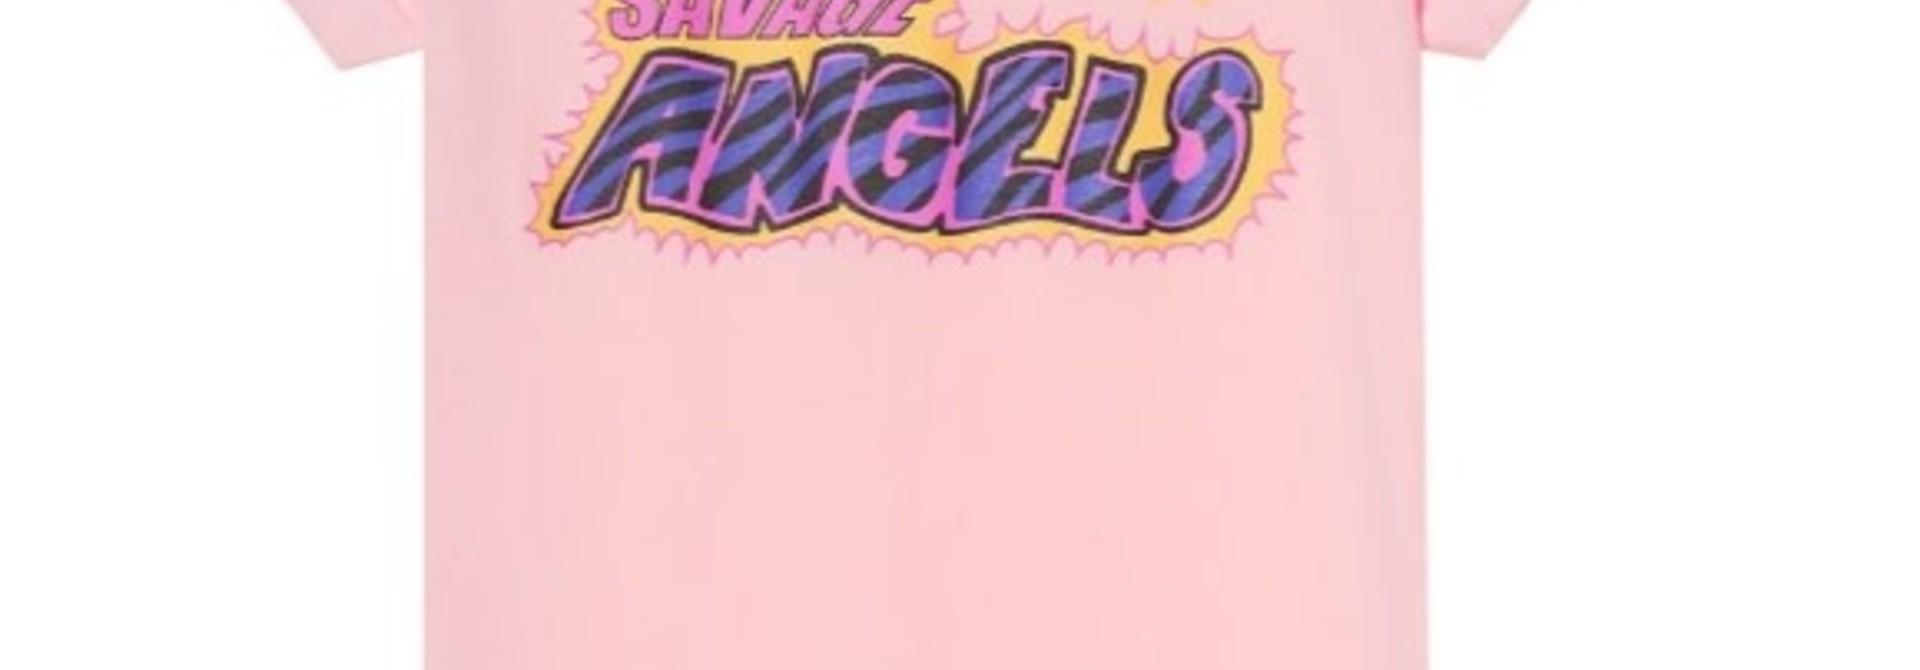 Tee sauvage angels